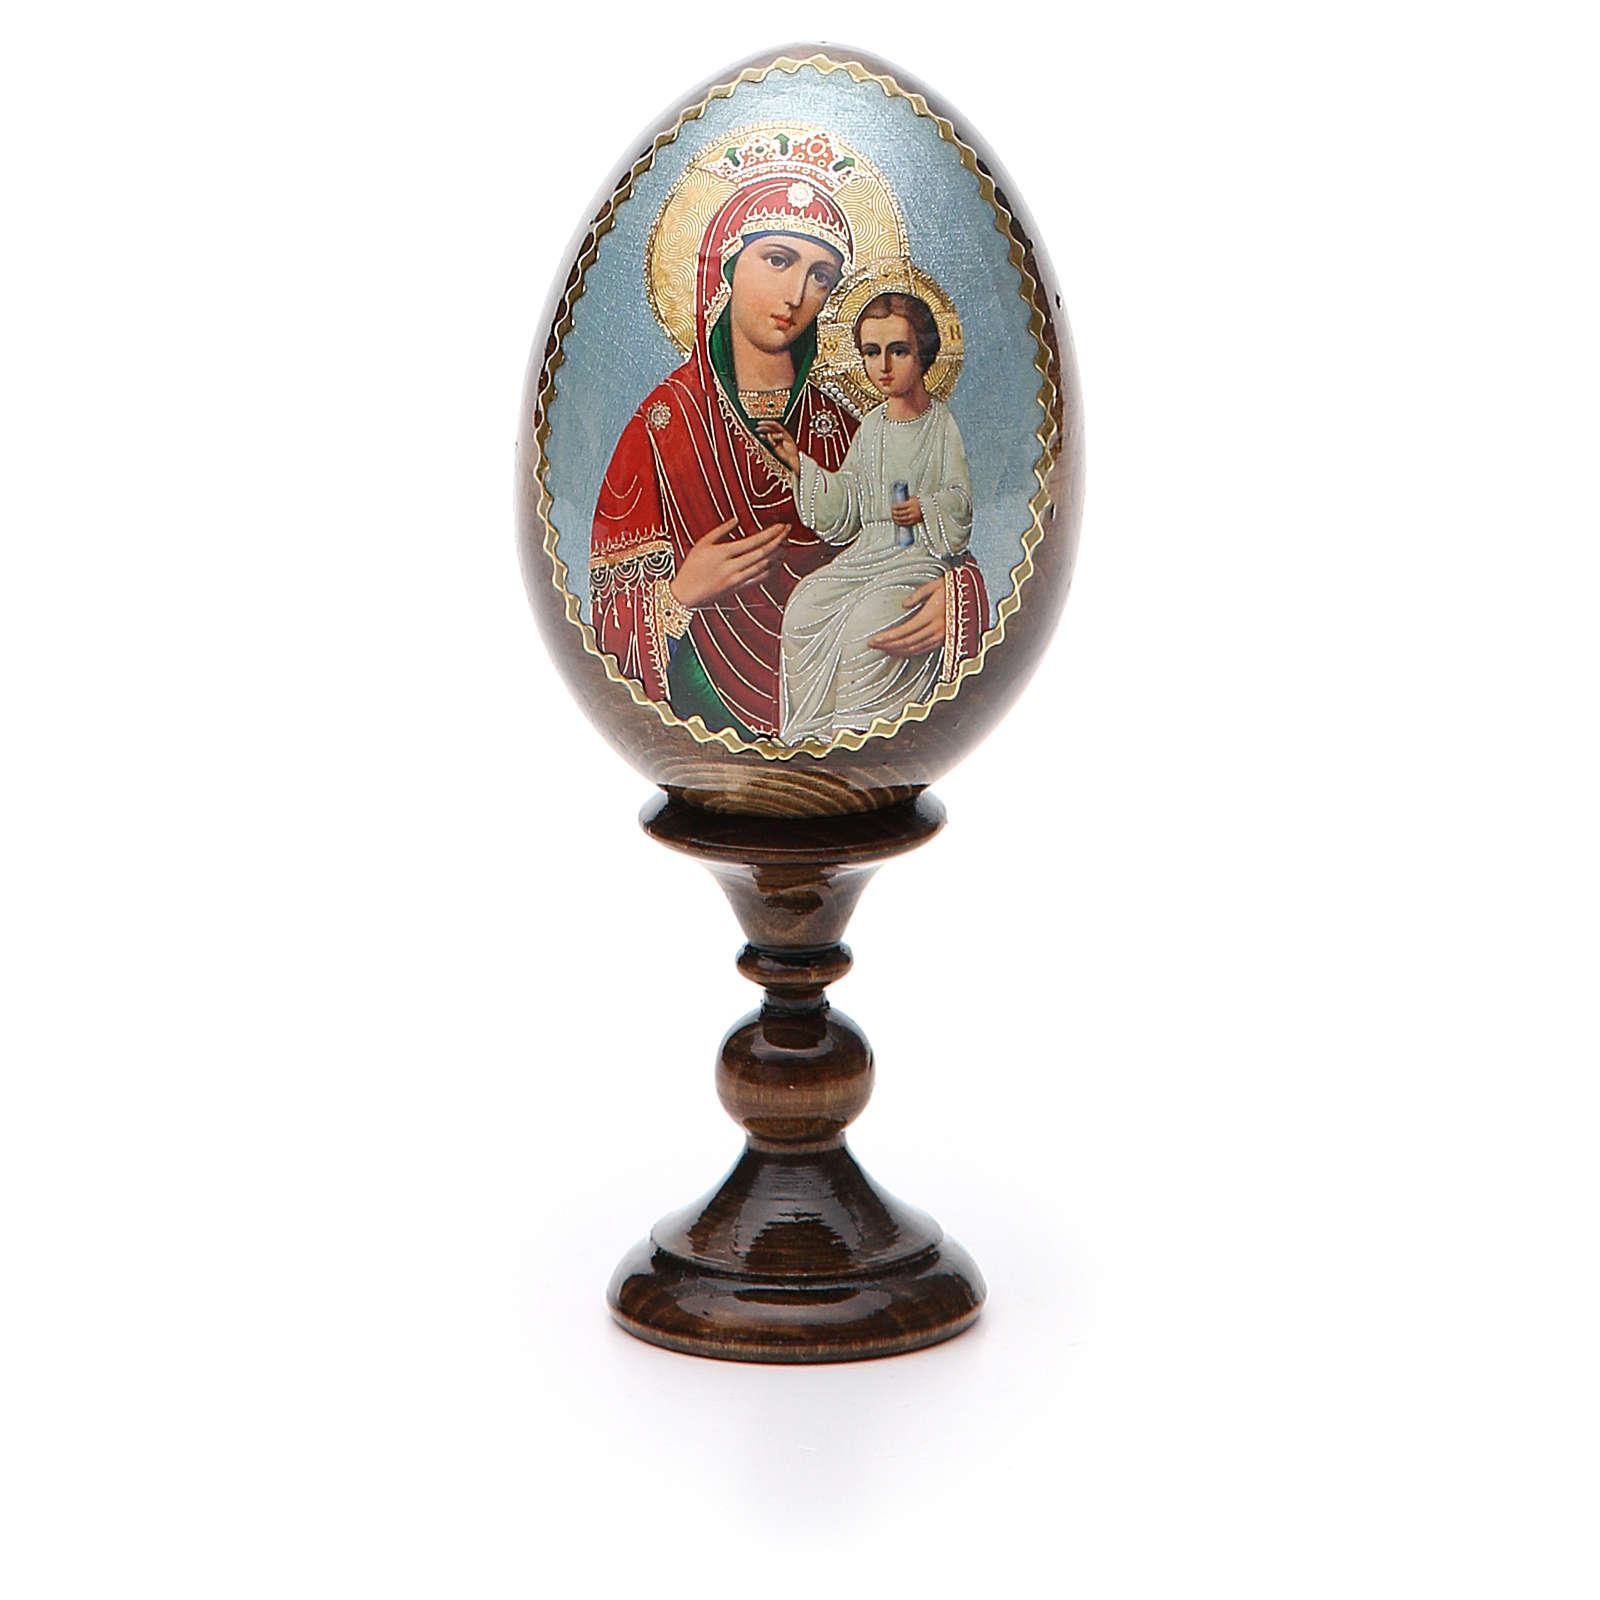 Huevo icono  découpage Rusa Liberadora de altura total 13 cm 4